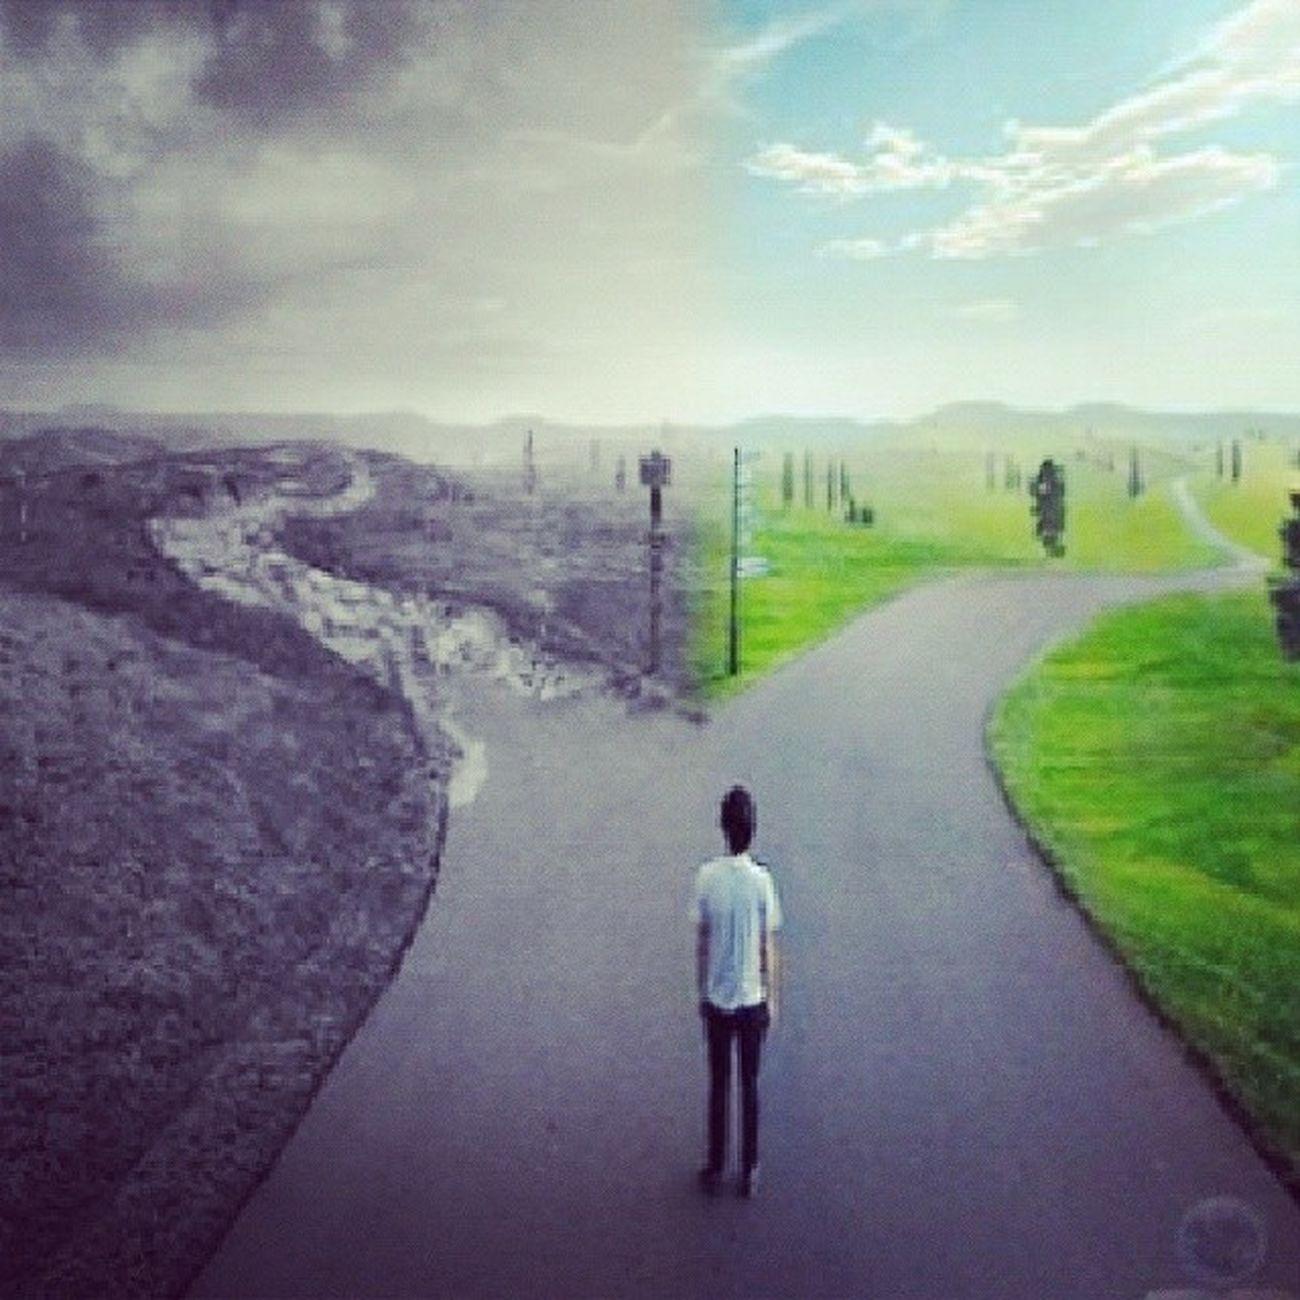 Escolha o seu caminho mais sabemos que so um caminho nos leva ao Pai Hojetemculto Adorar Deus